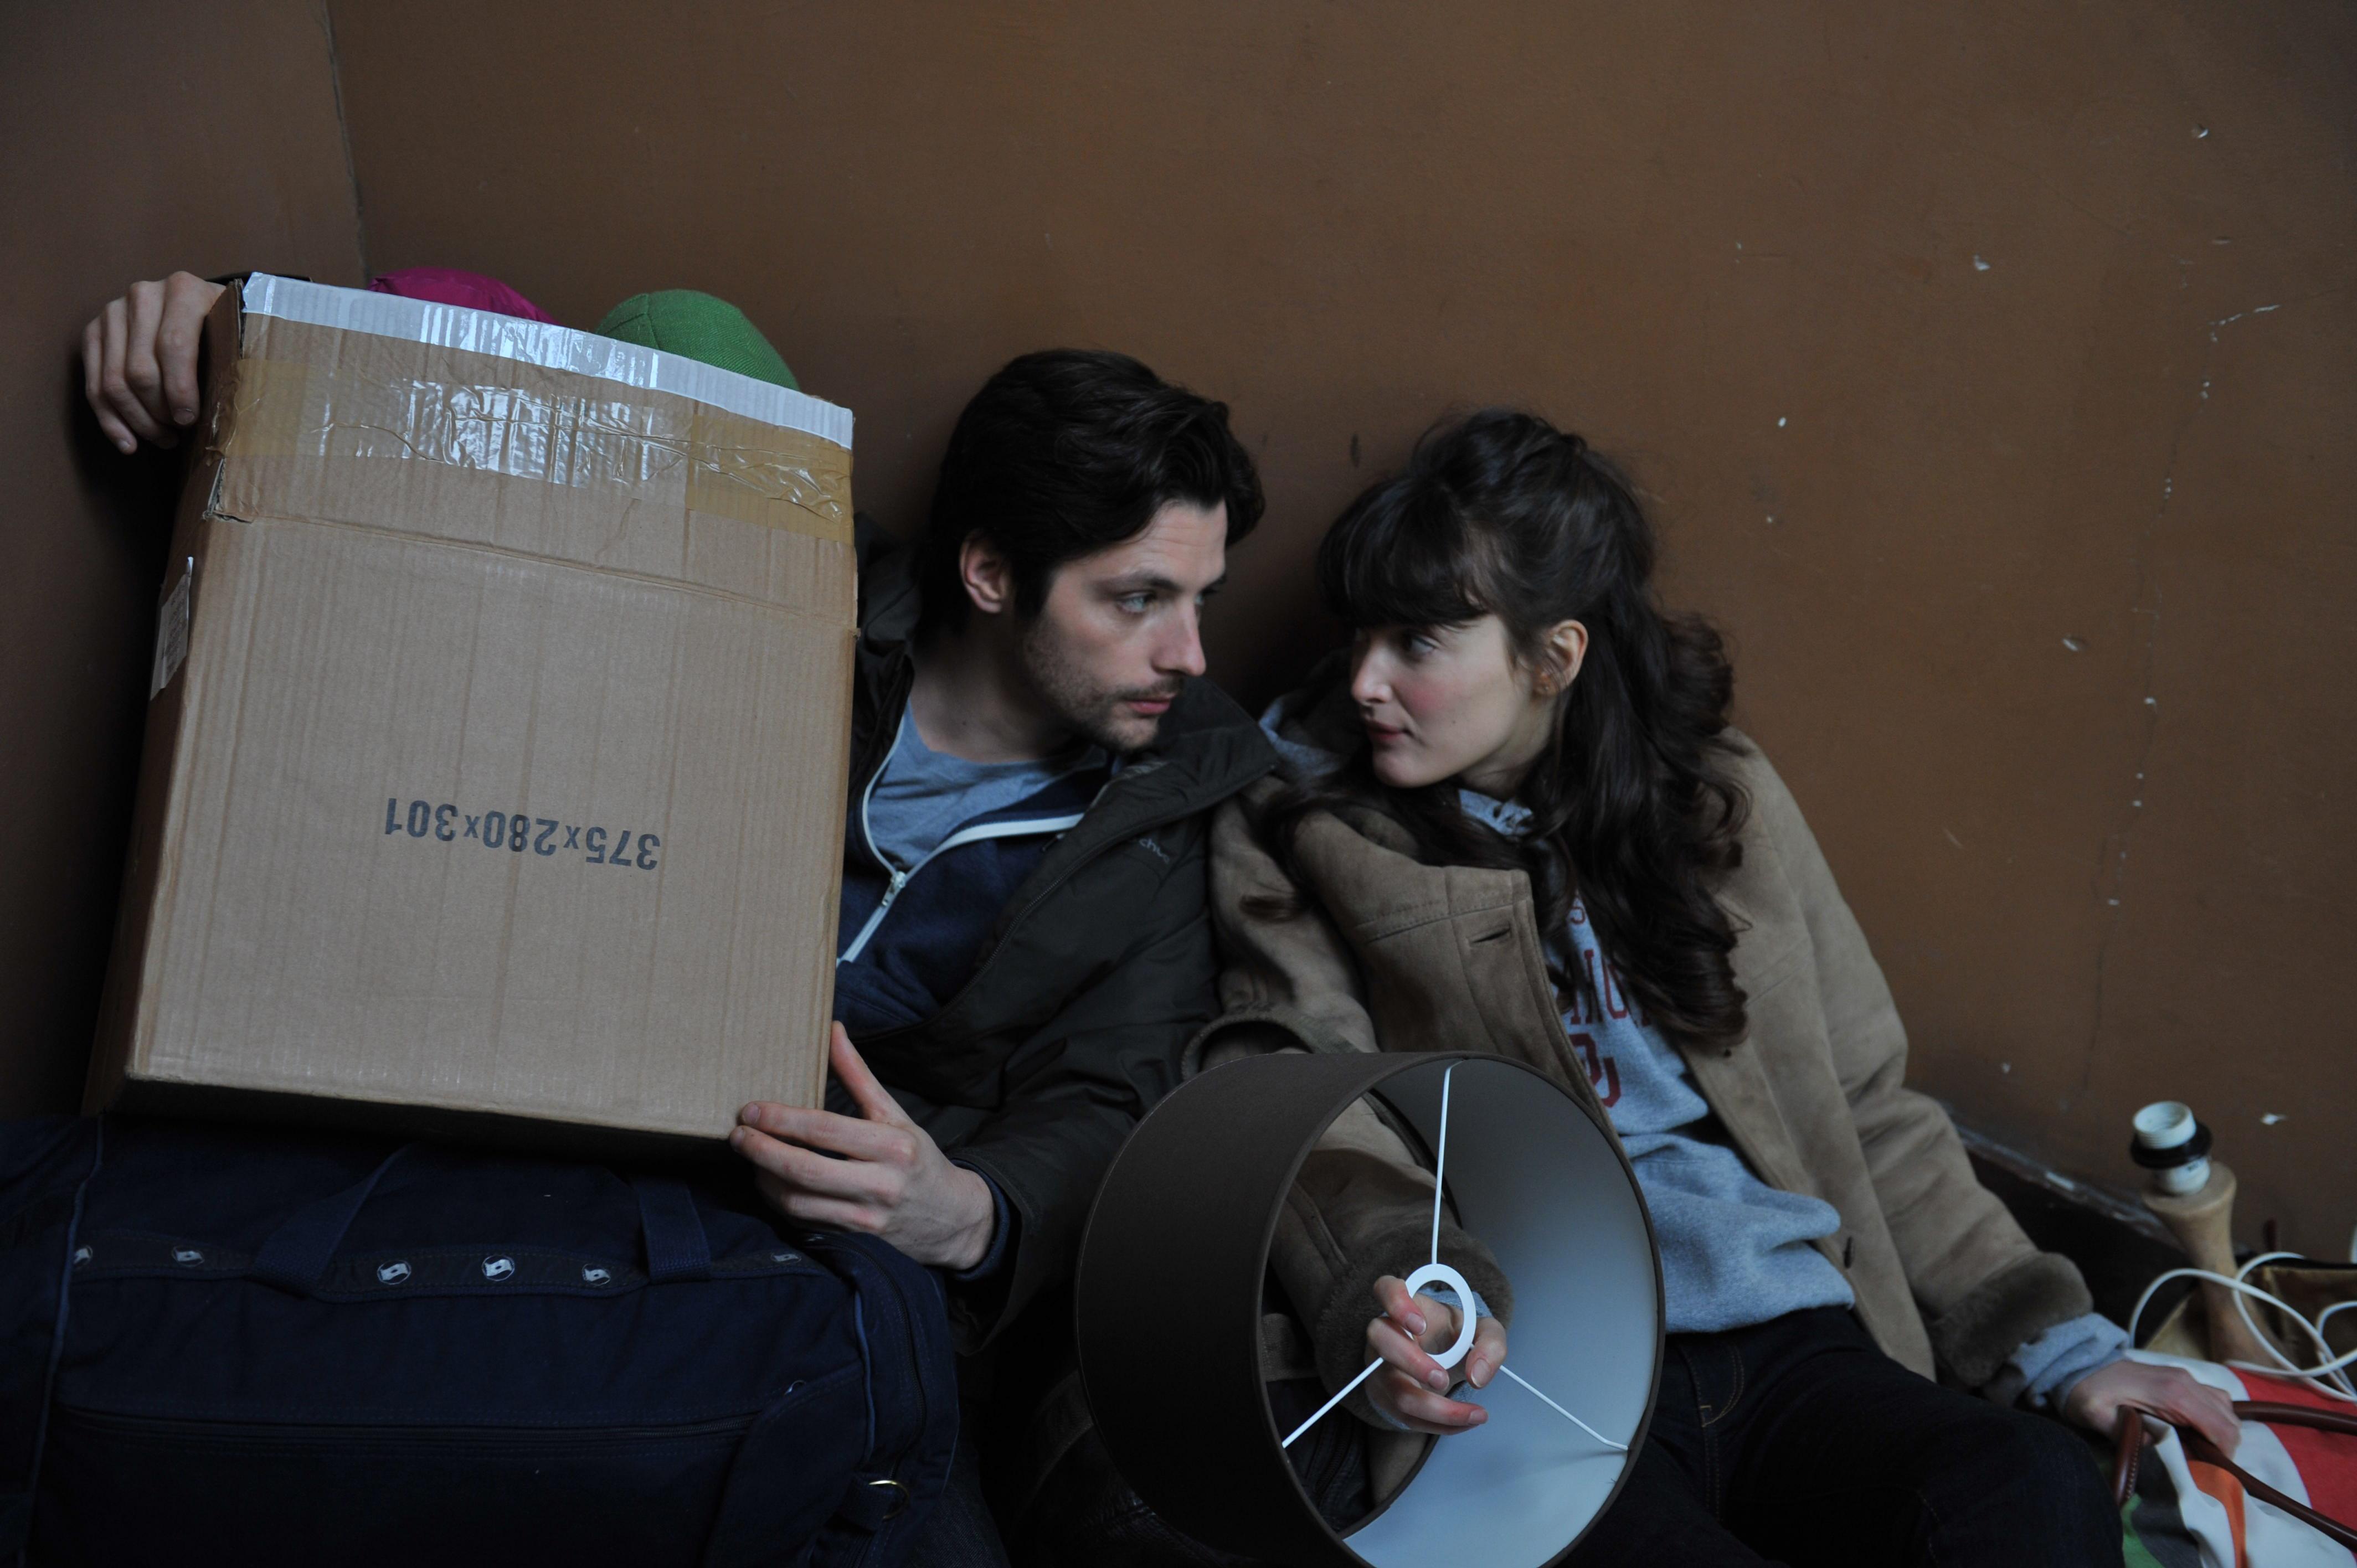 Raphaël Personnaz and Charlotte Le Bon in La stratégie de la poussette (2012)